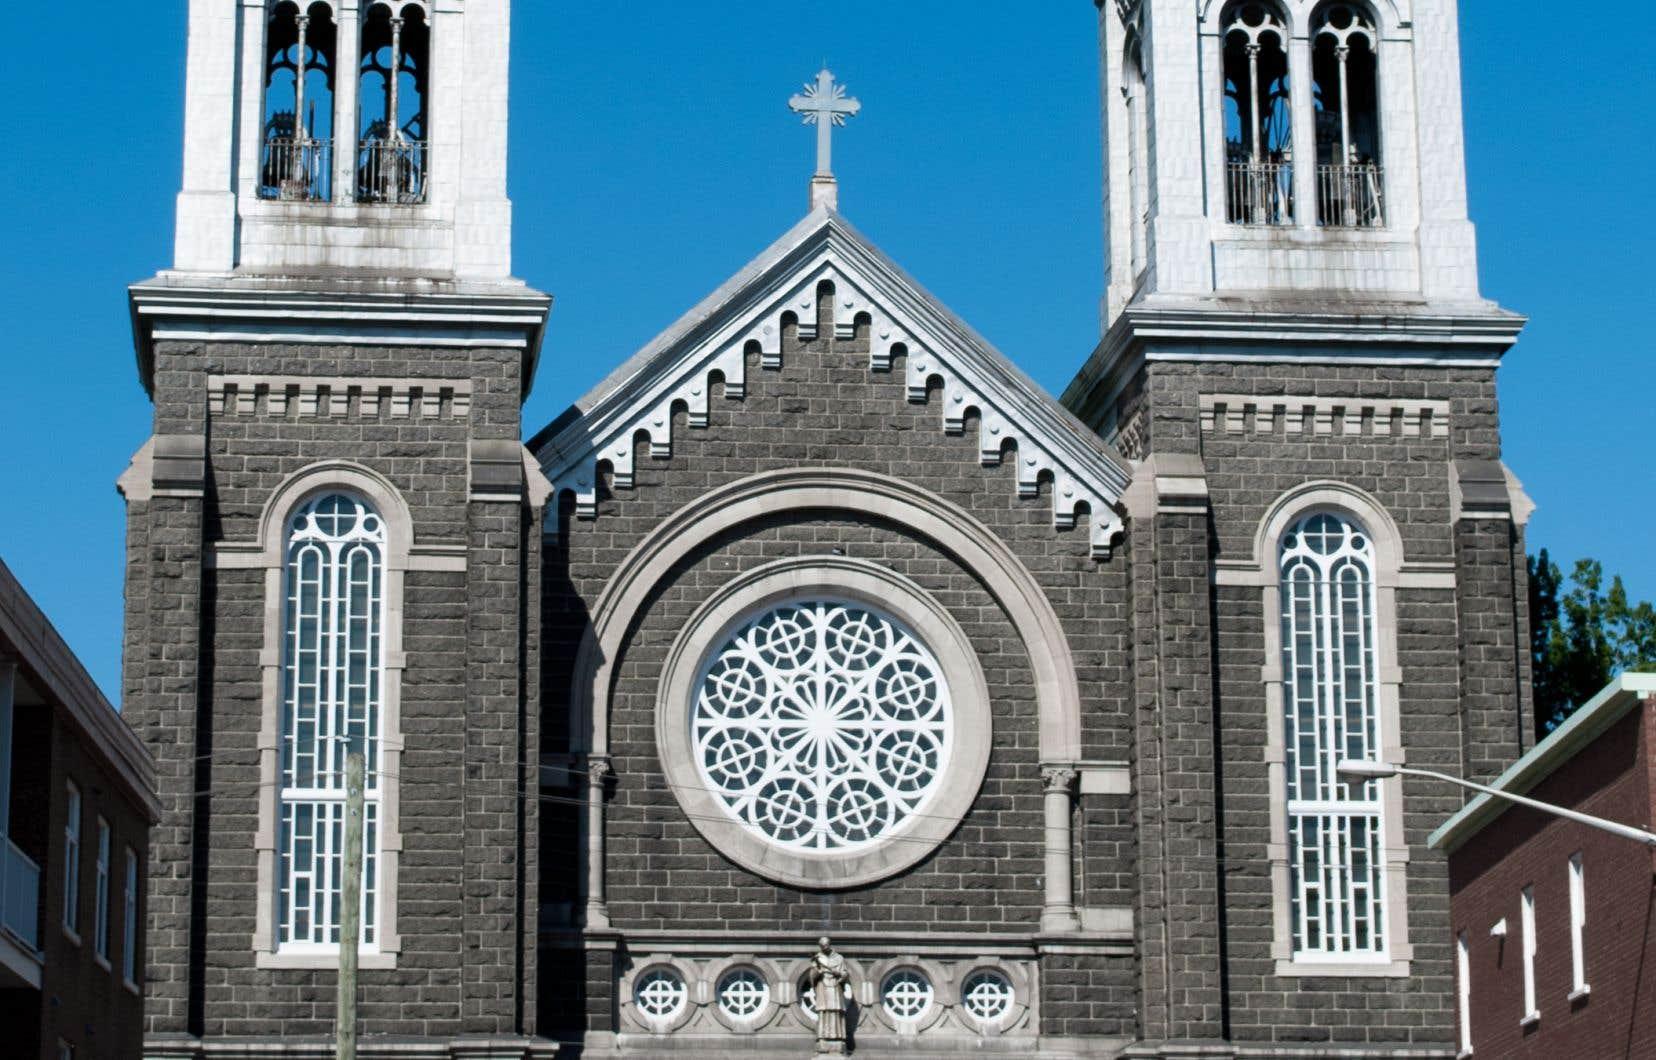 D'une valeur patrimoniale jugée «exceptionnelle», l'église Saint-Charles-de-Limoilou est également l'une des plus grandes églises du territoire de la capitale.